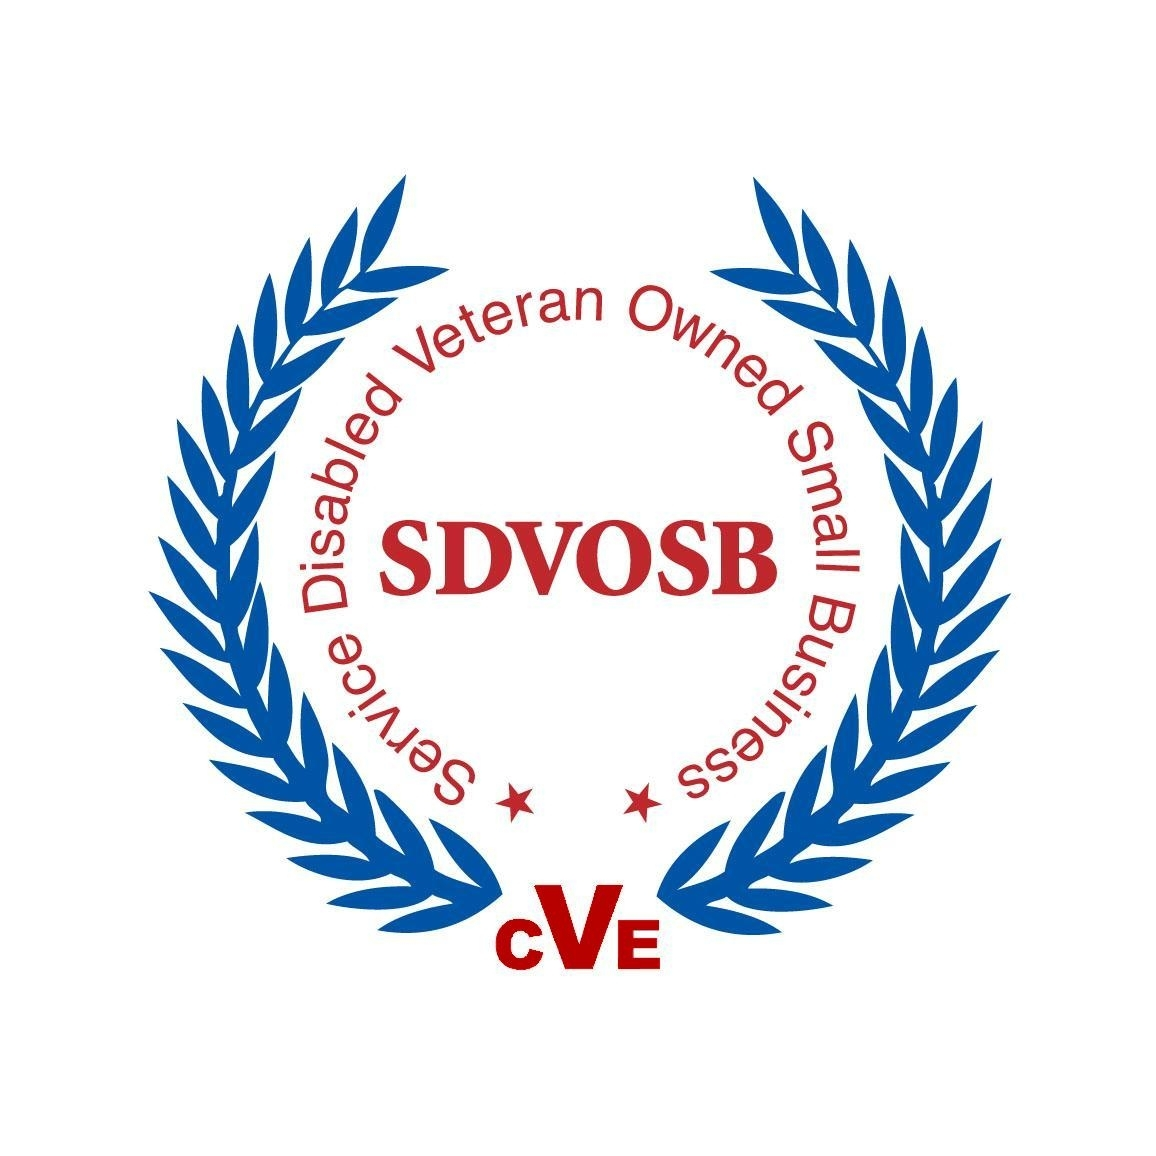 SDVOSB-logo white background.jpg